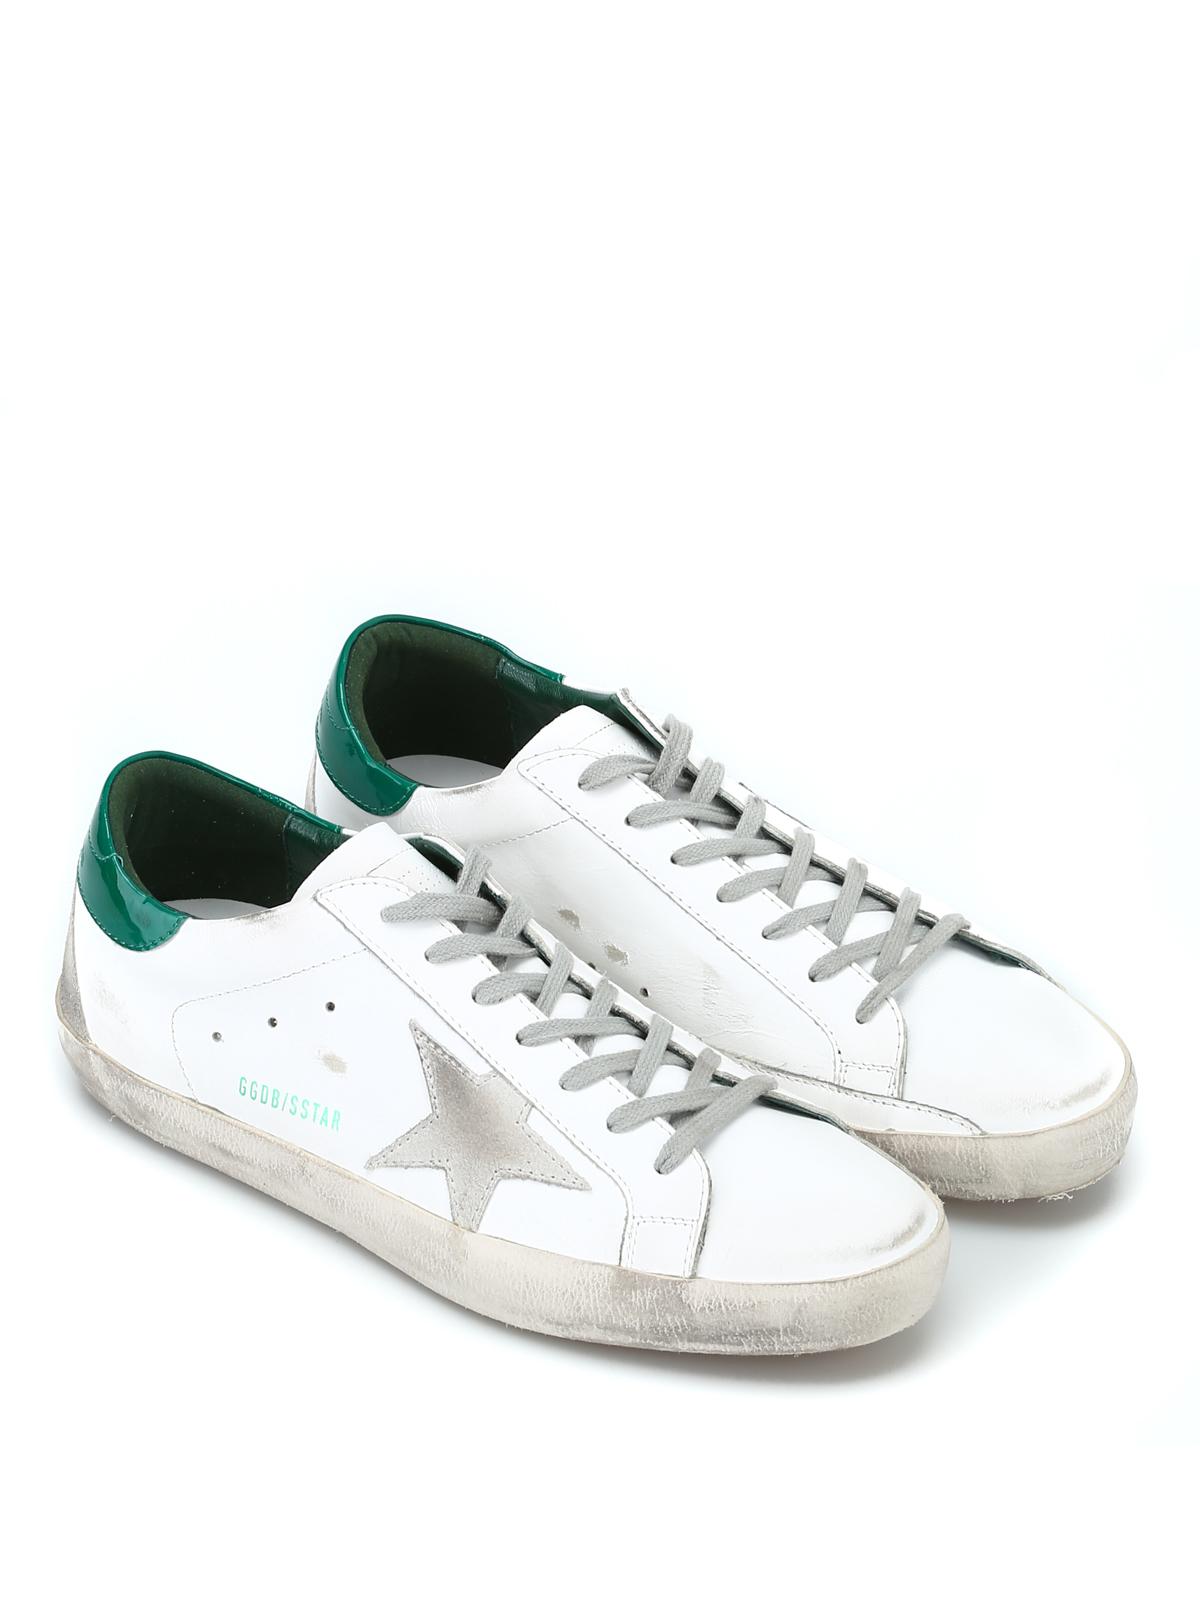 GOLDEN GOOSE: sneakers online - Sneaker Superstar bianche e verdi